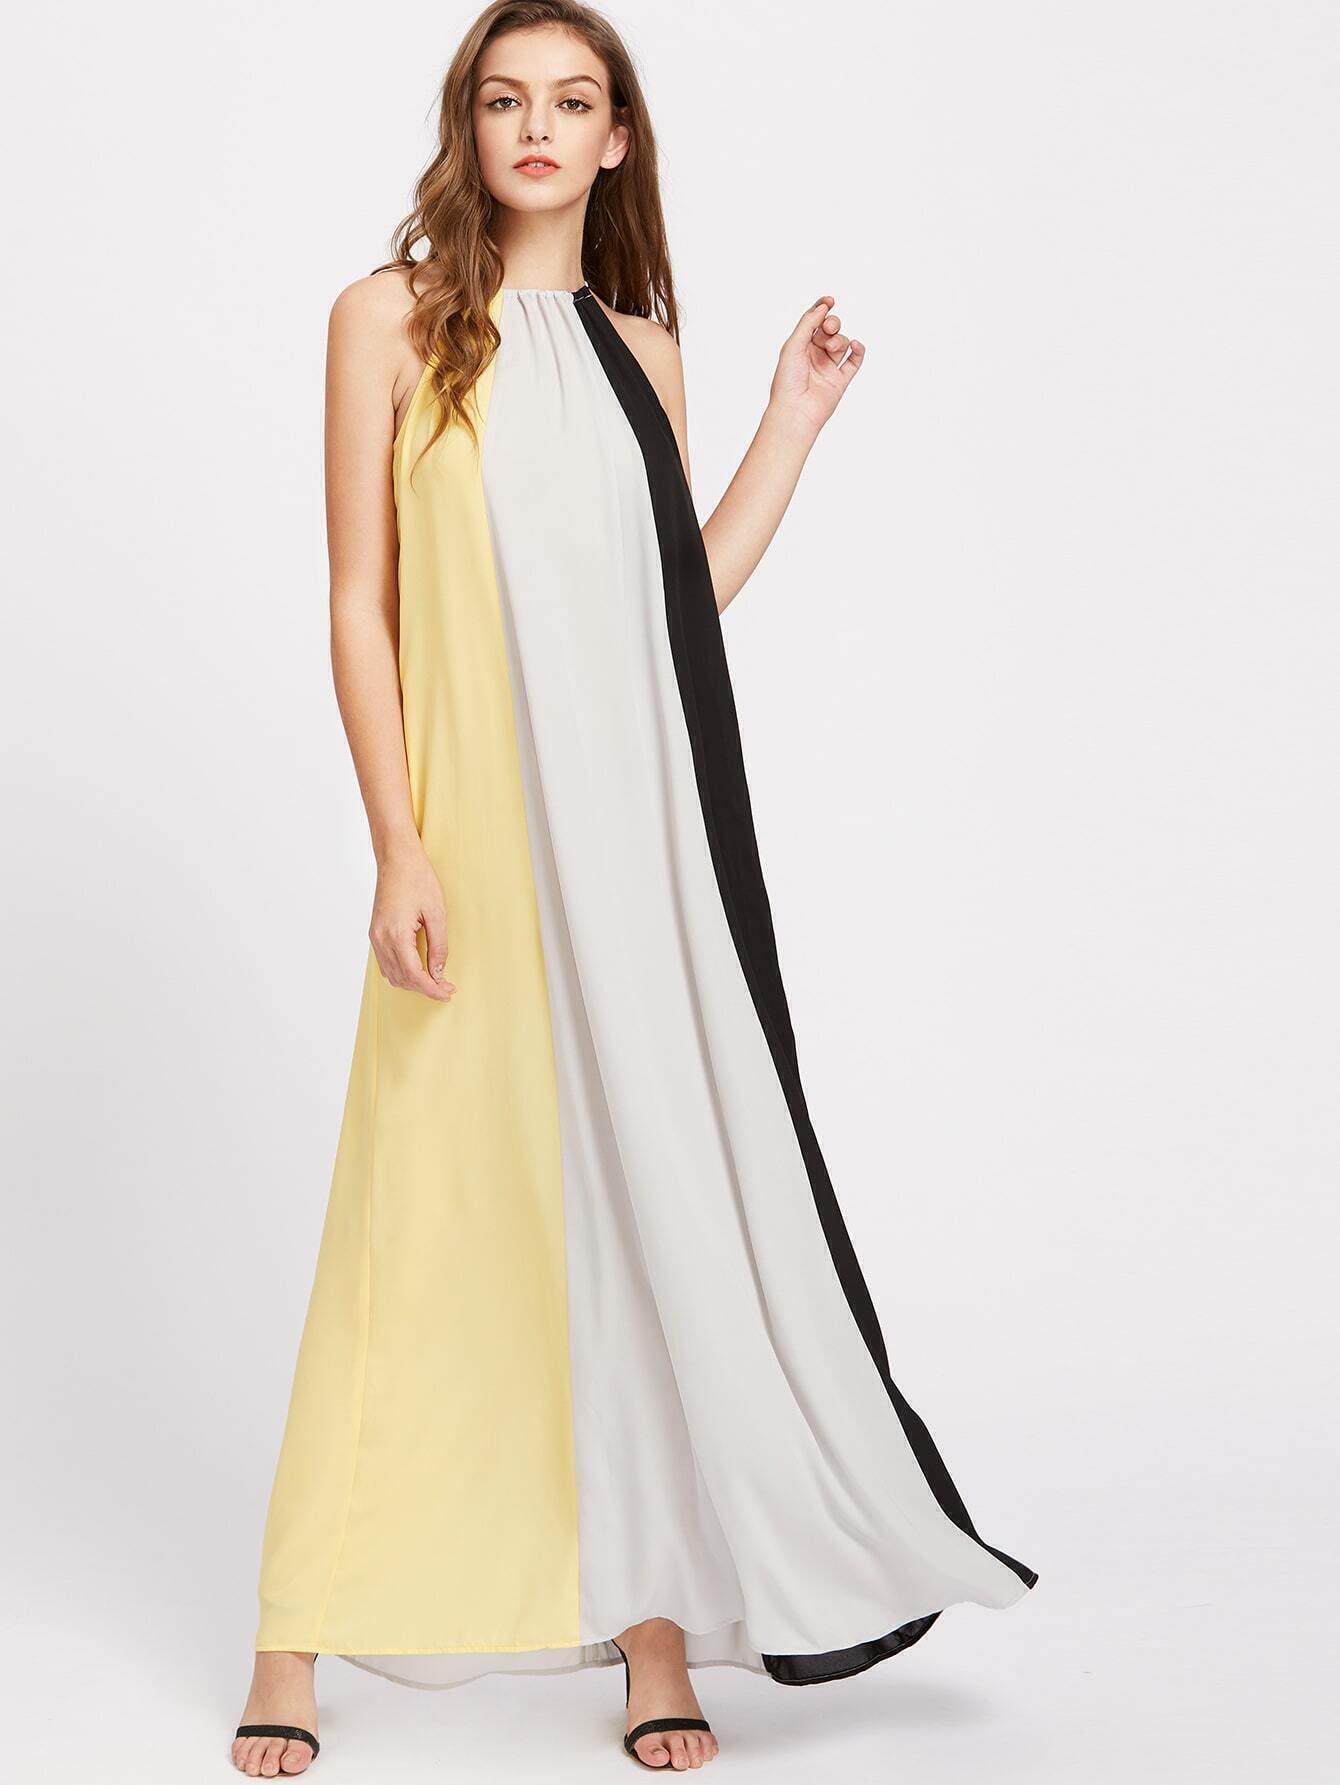 ca16f82c1ce Drawstring Halter Hidden Pocket Tent Dress EmmaCloth-Women Fast ...